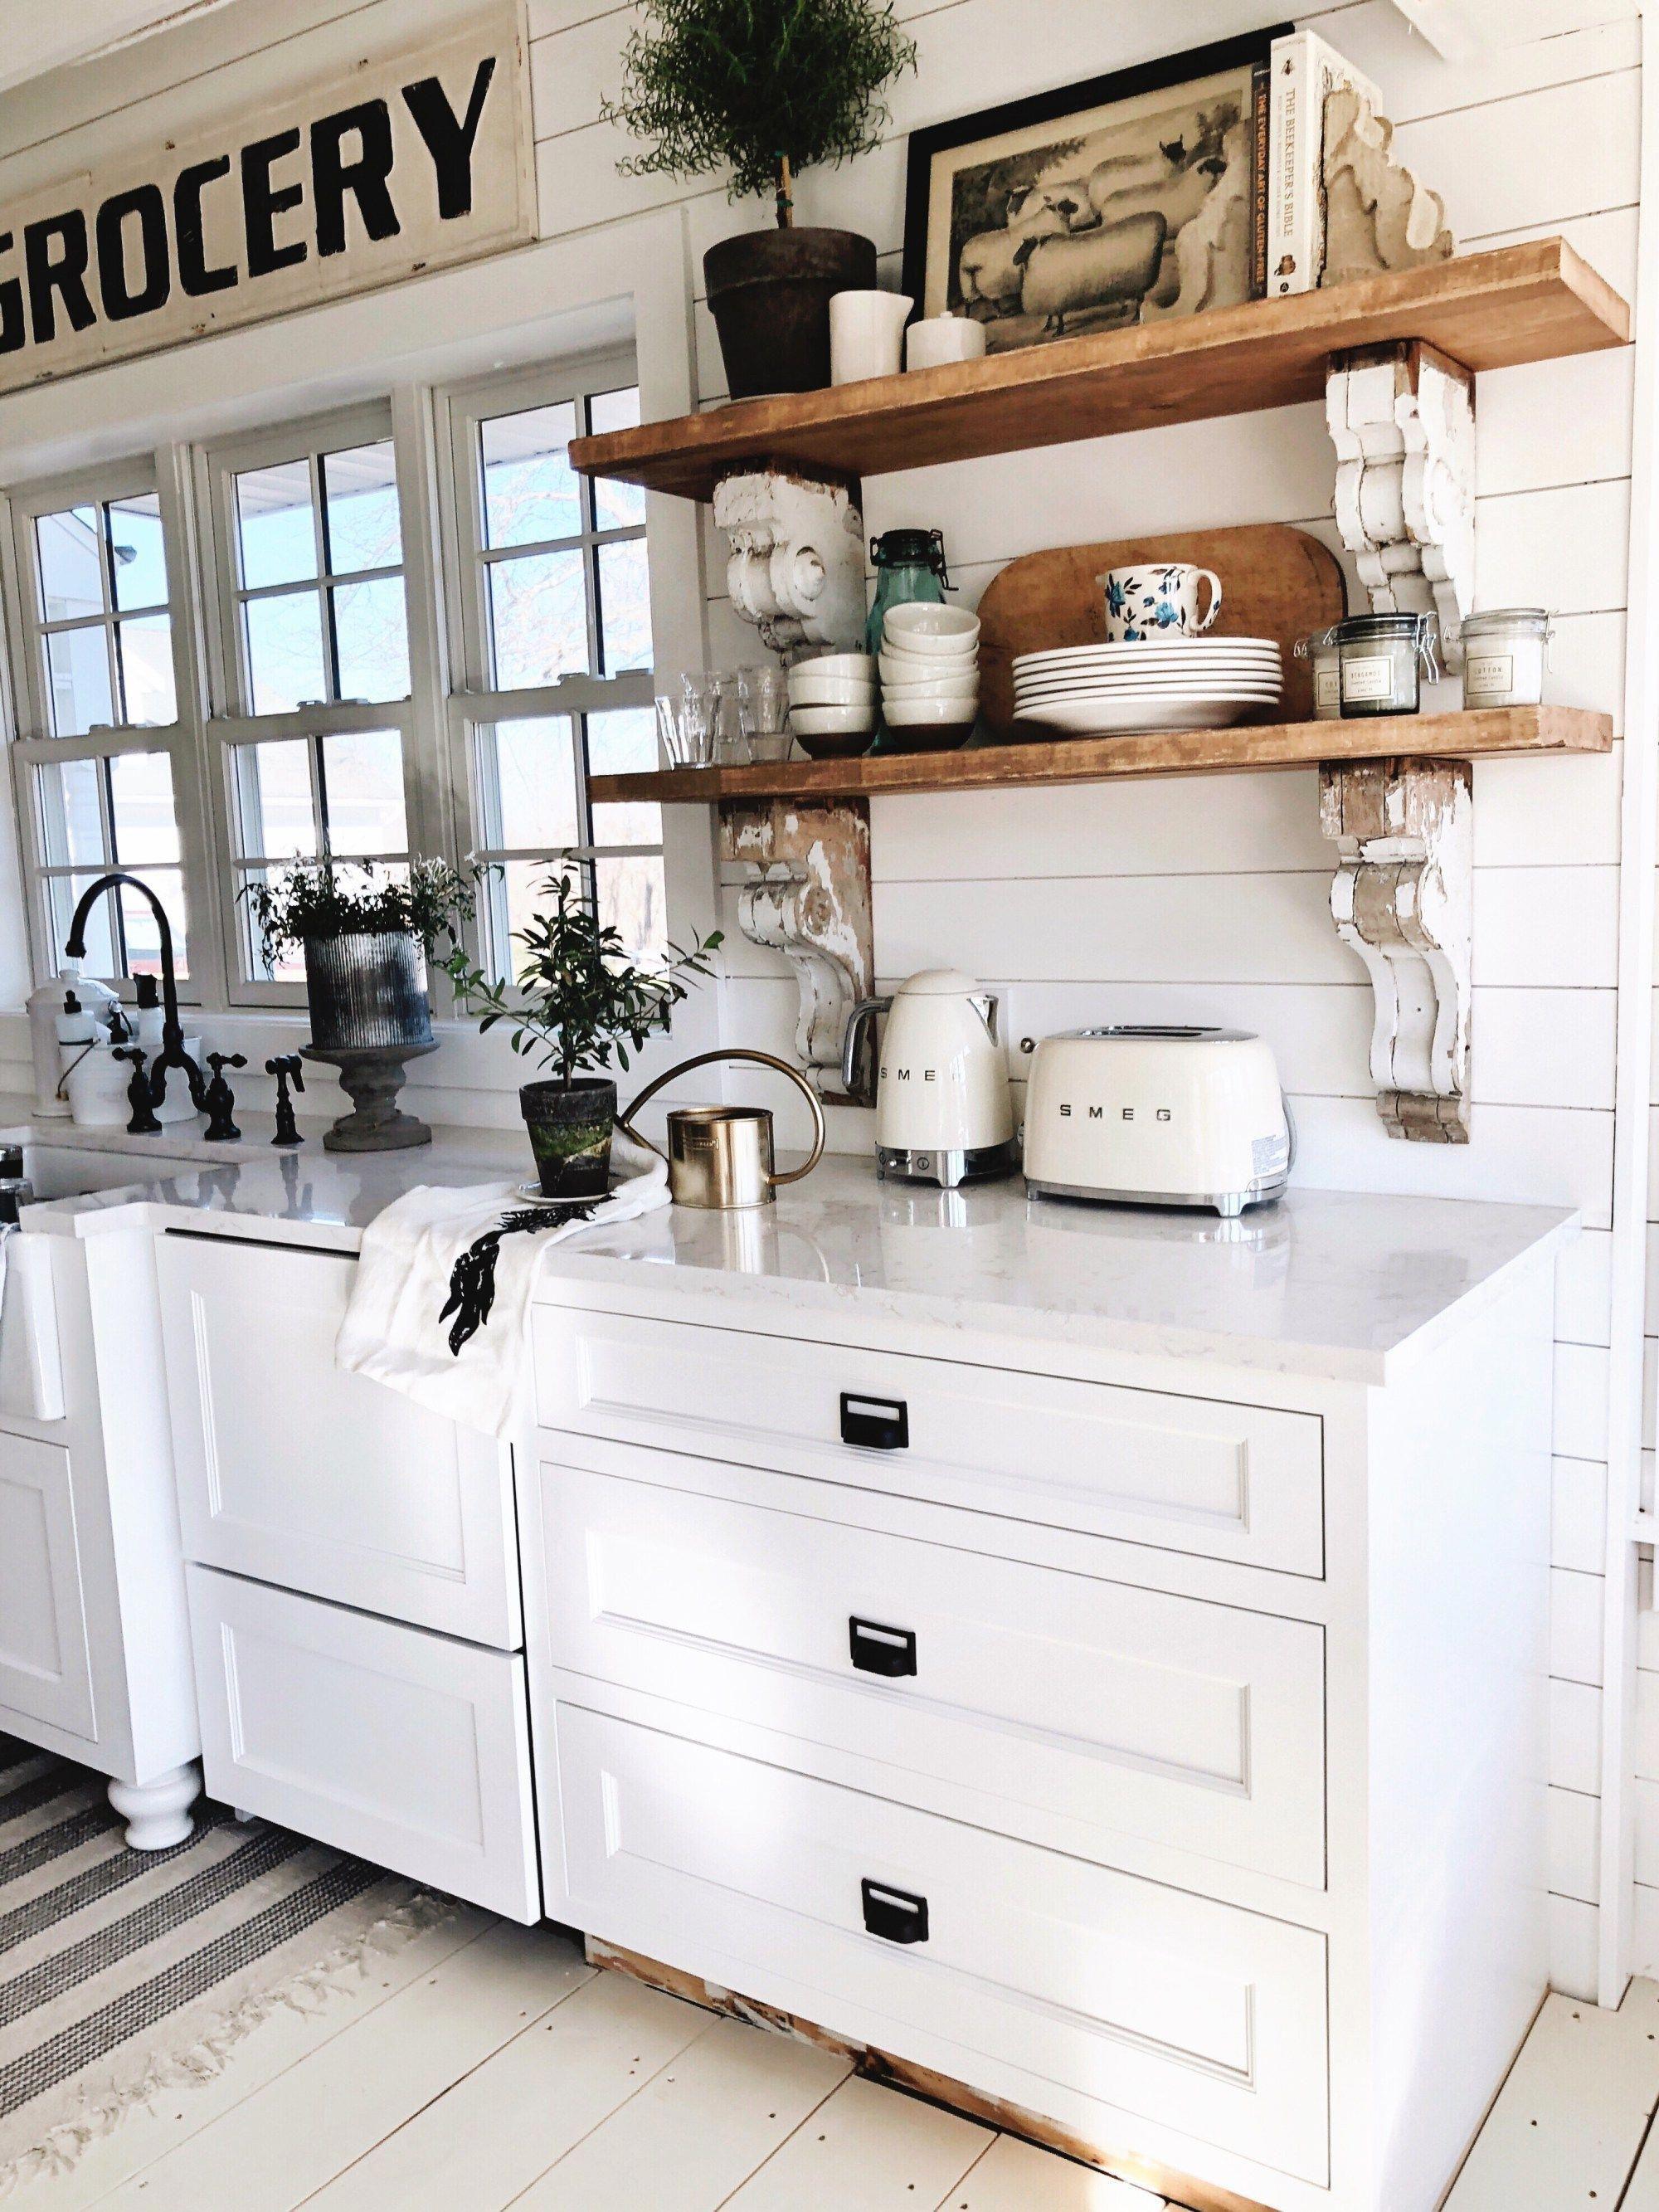 Wall Decor | Kitchen Decorative Accessories Ideas ...